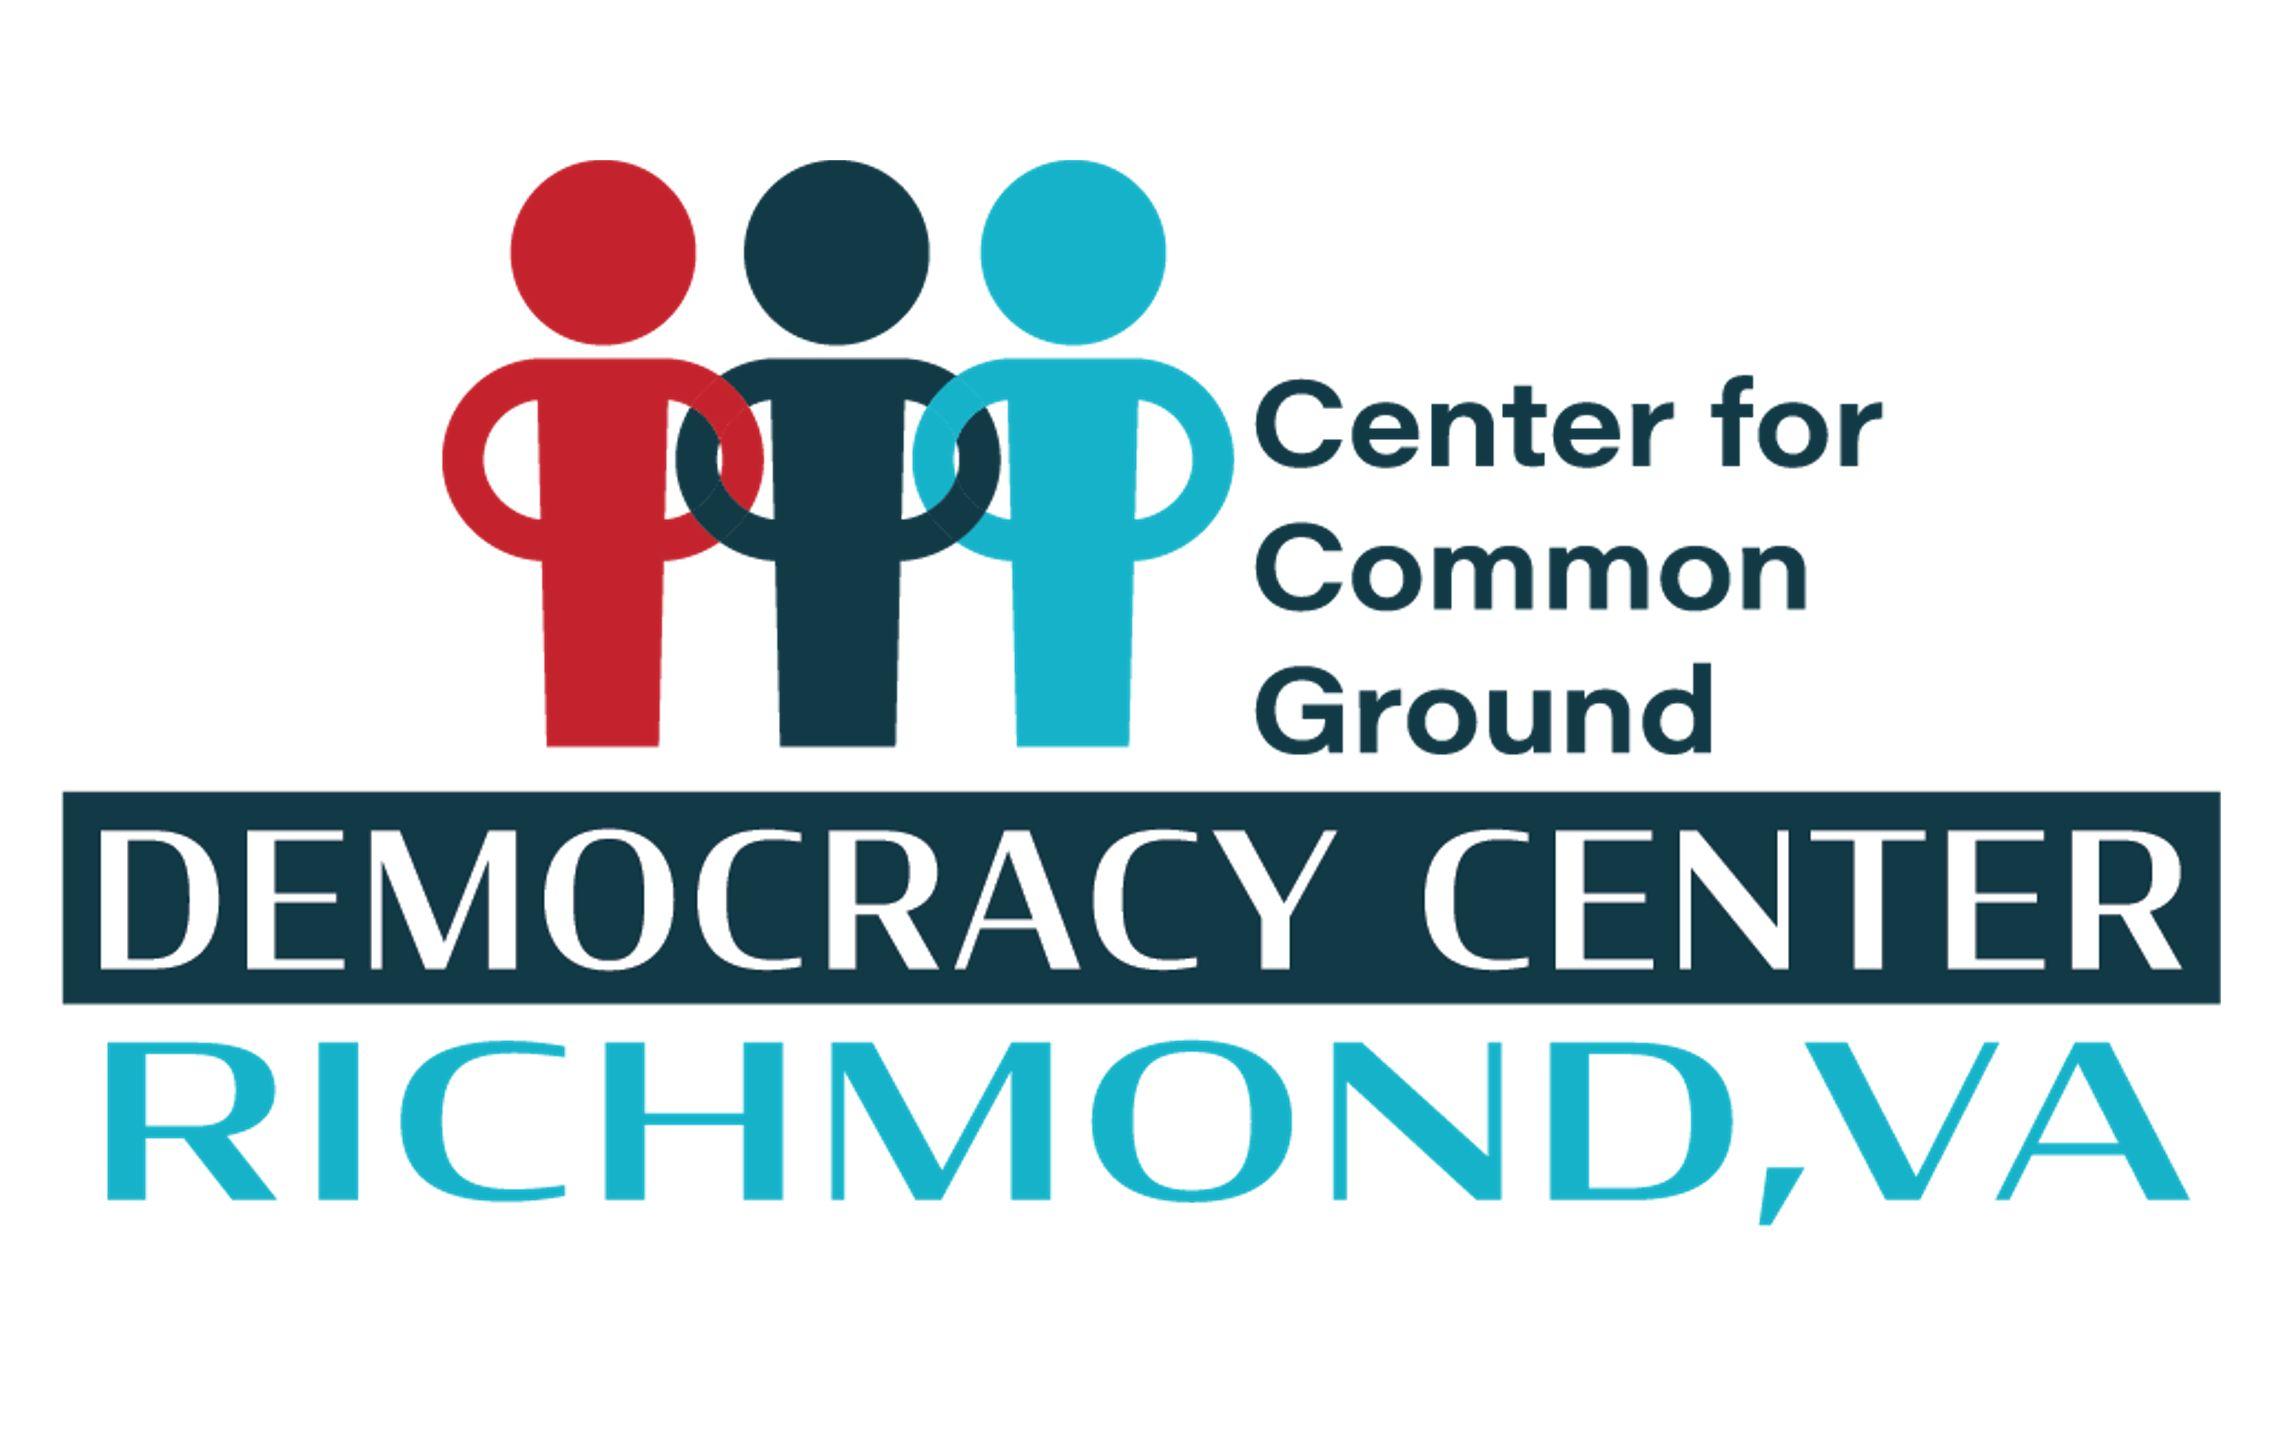 Richmond Democracy Center logo